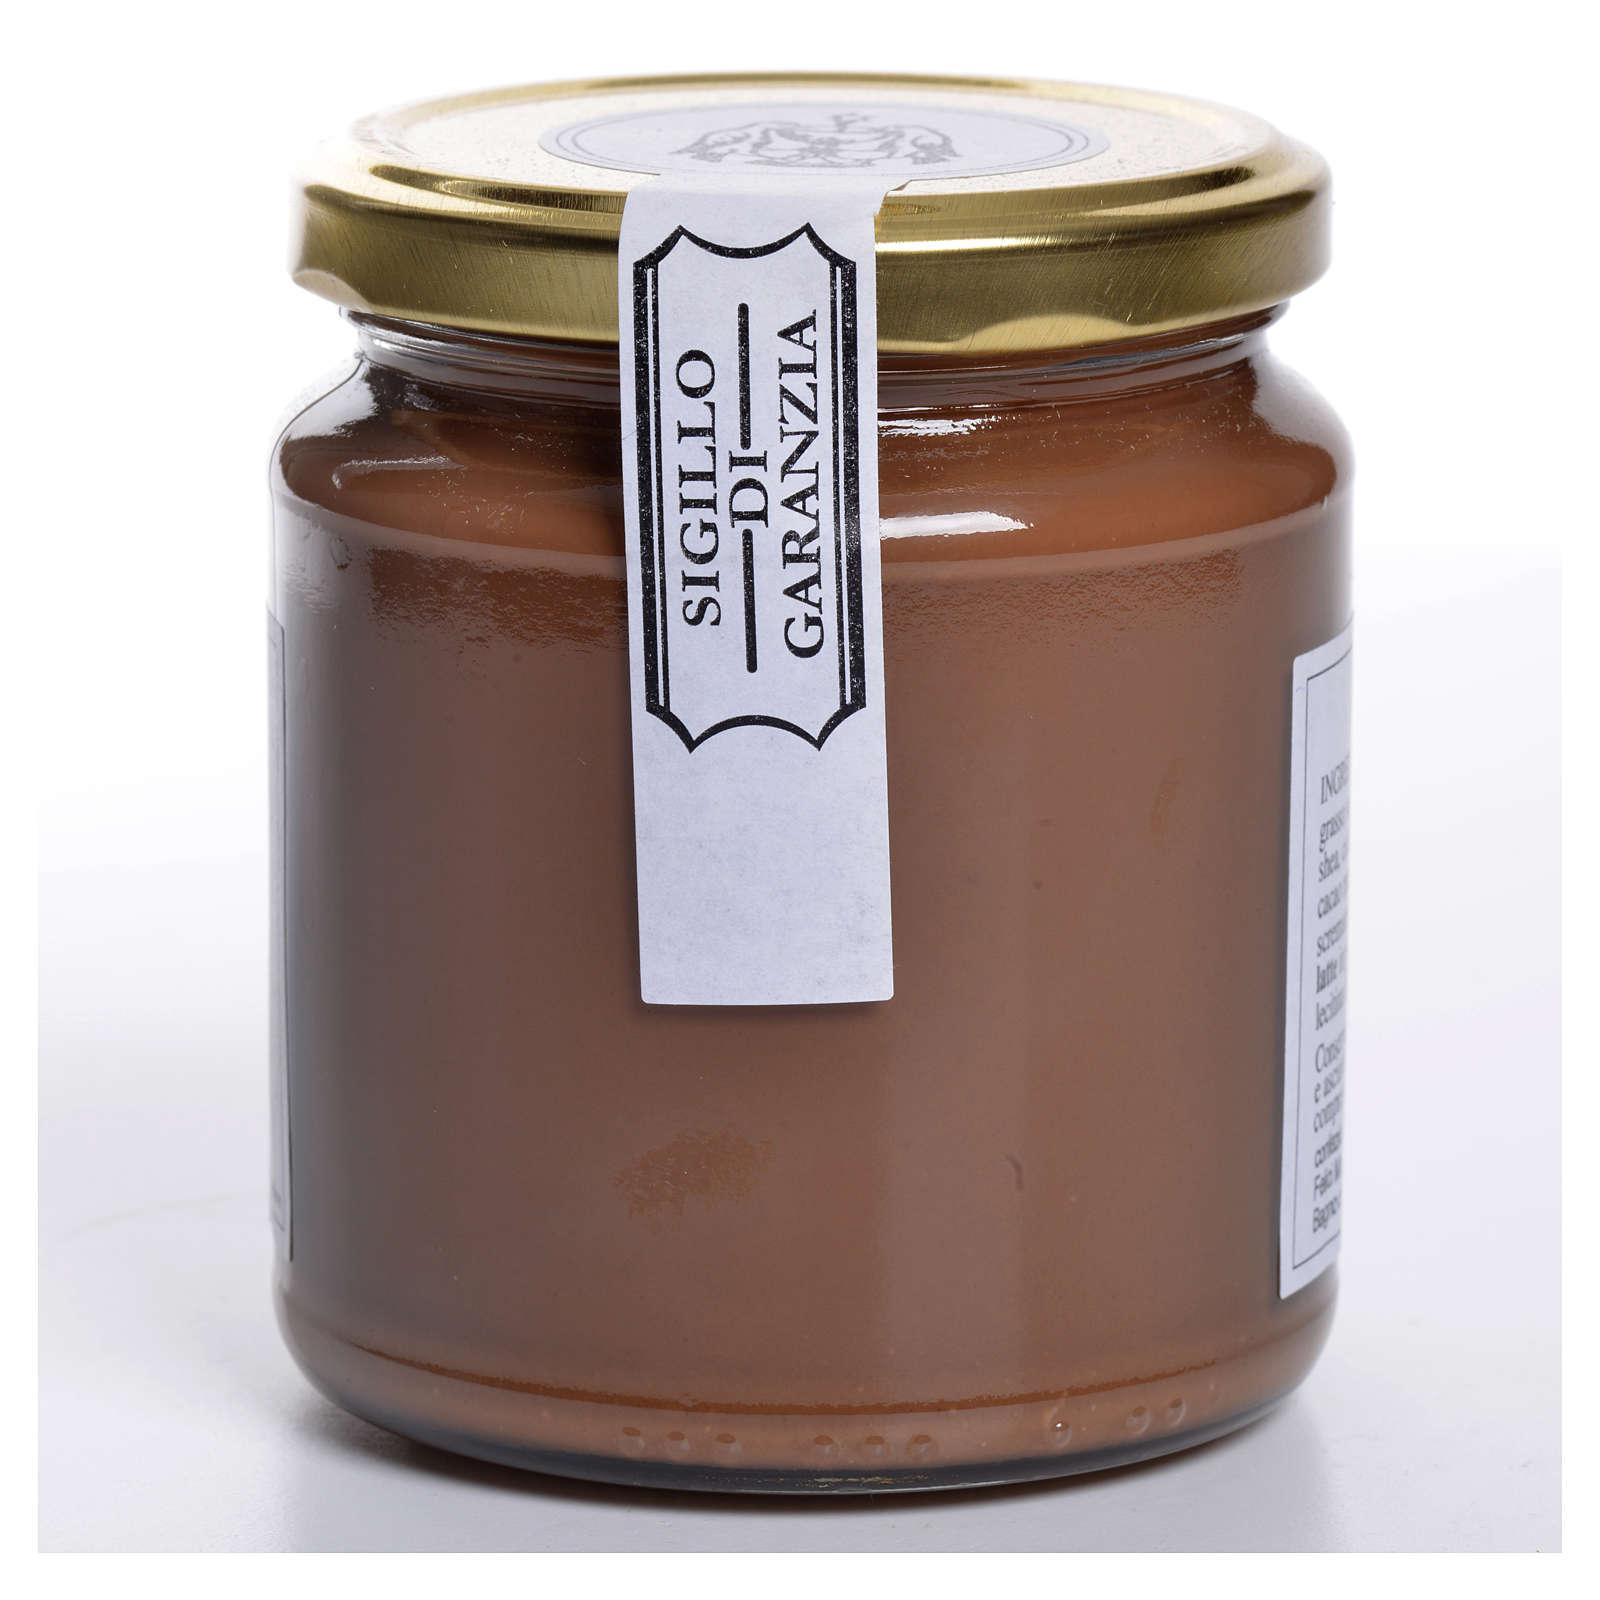 Crema di cioccolato alla nocciola 300 gr Camaldoli 3